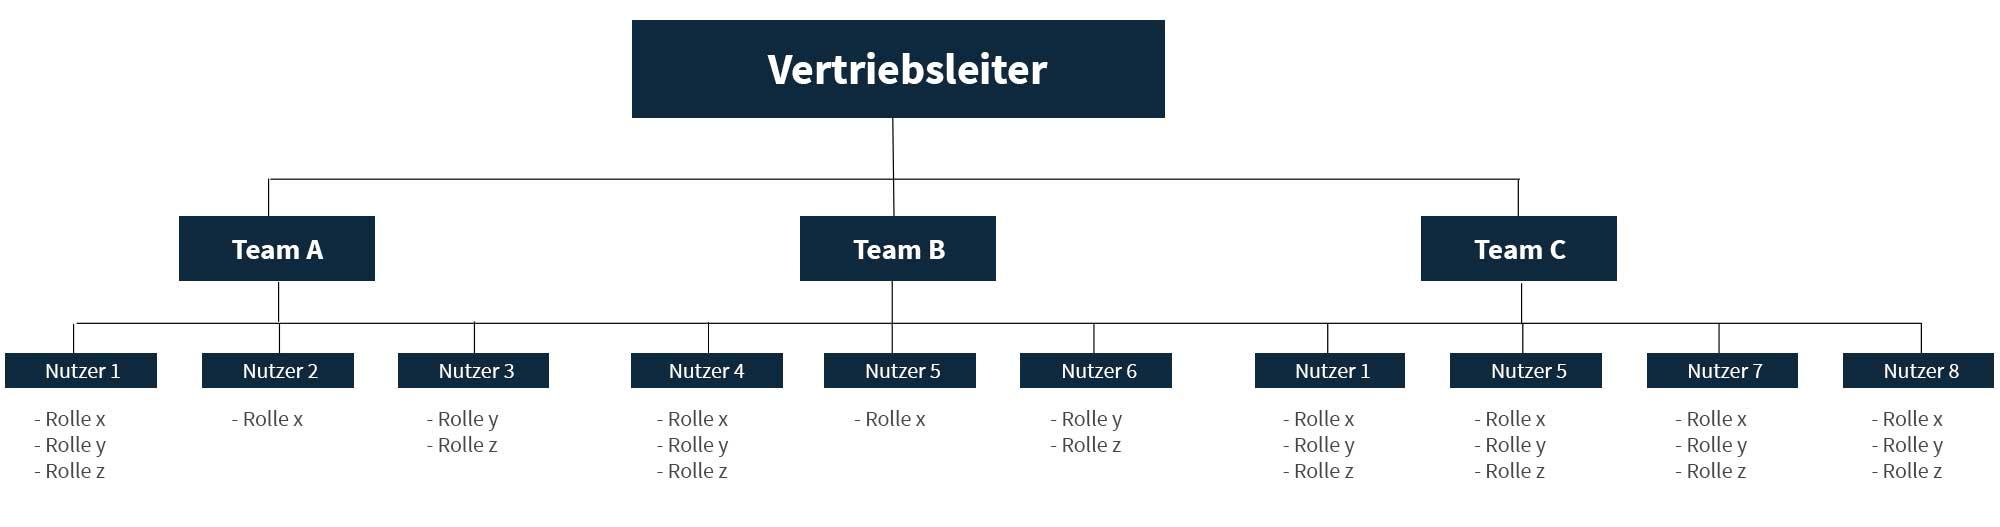 Organigramm mit Vertriebsleiter, dem drei Teams unterstellt sind, deren Mitglieder verschiedene Rollen erfüllen.